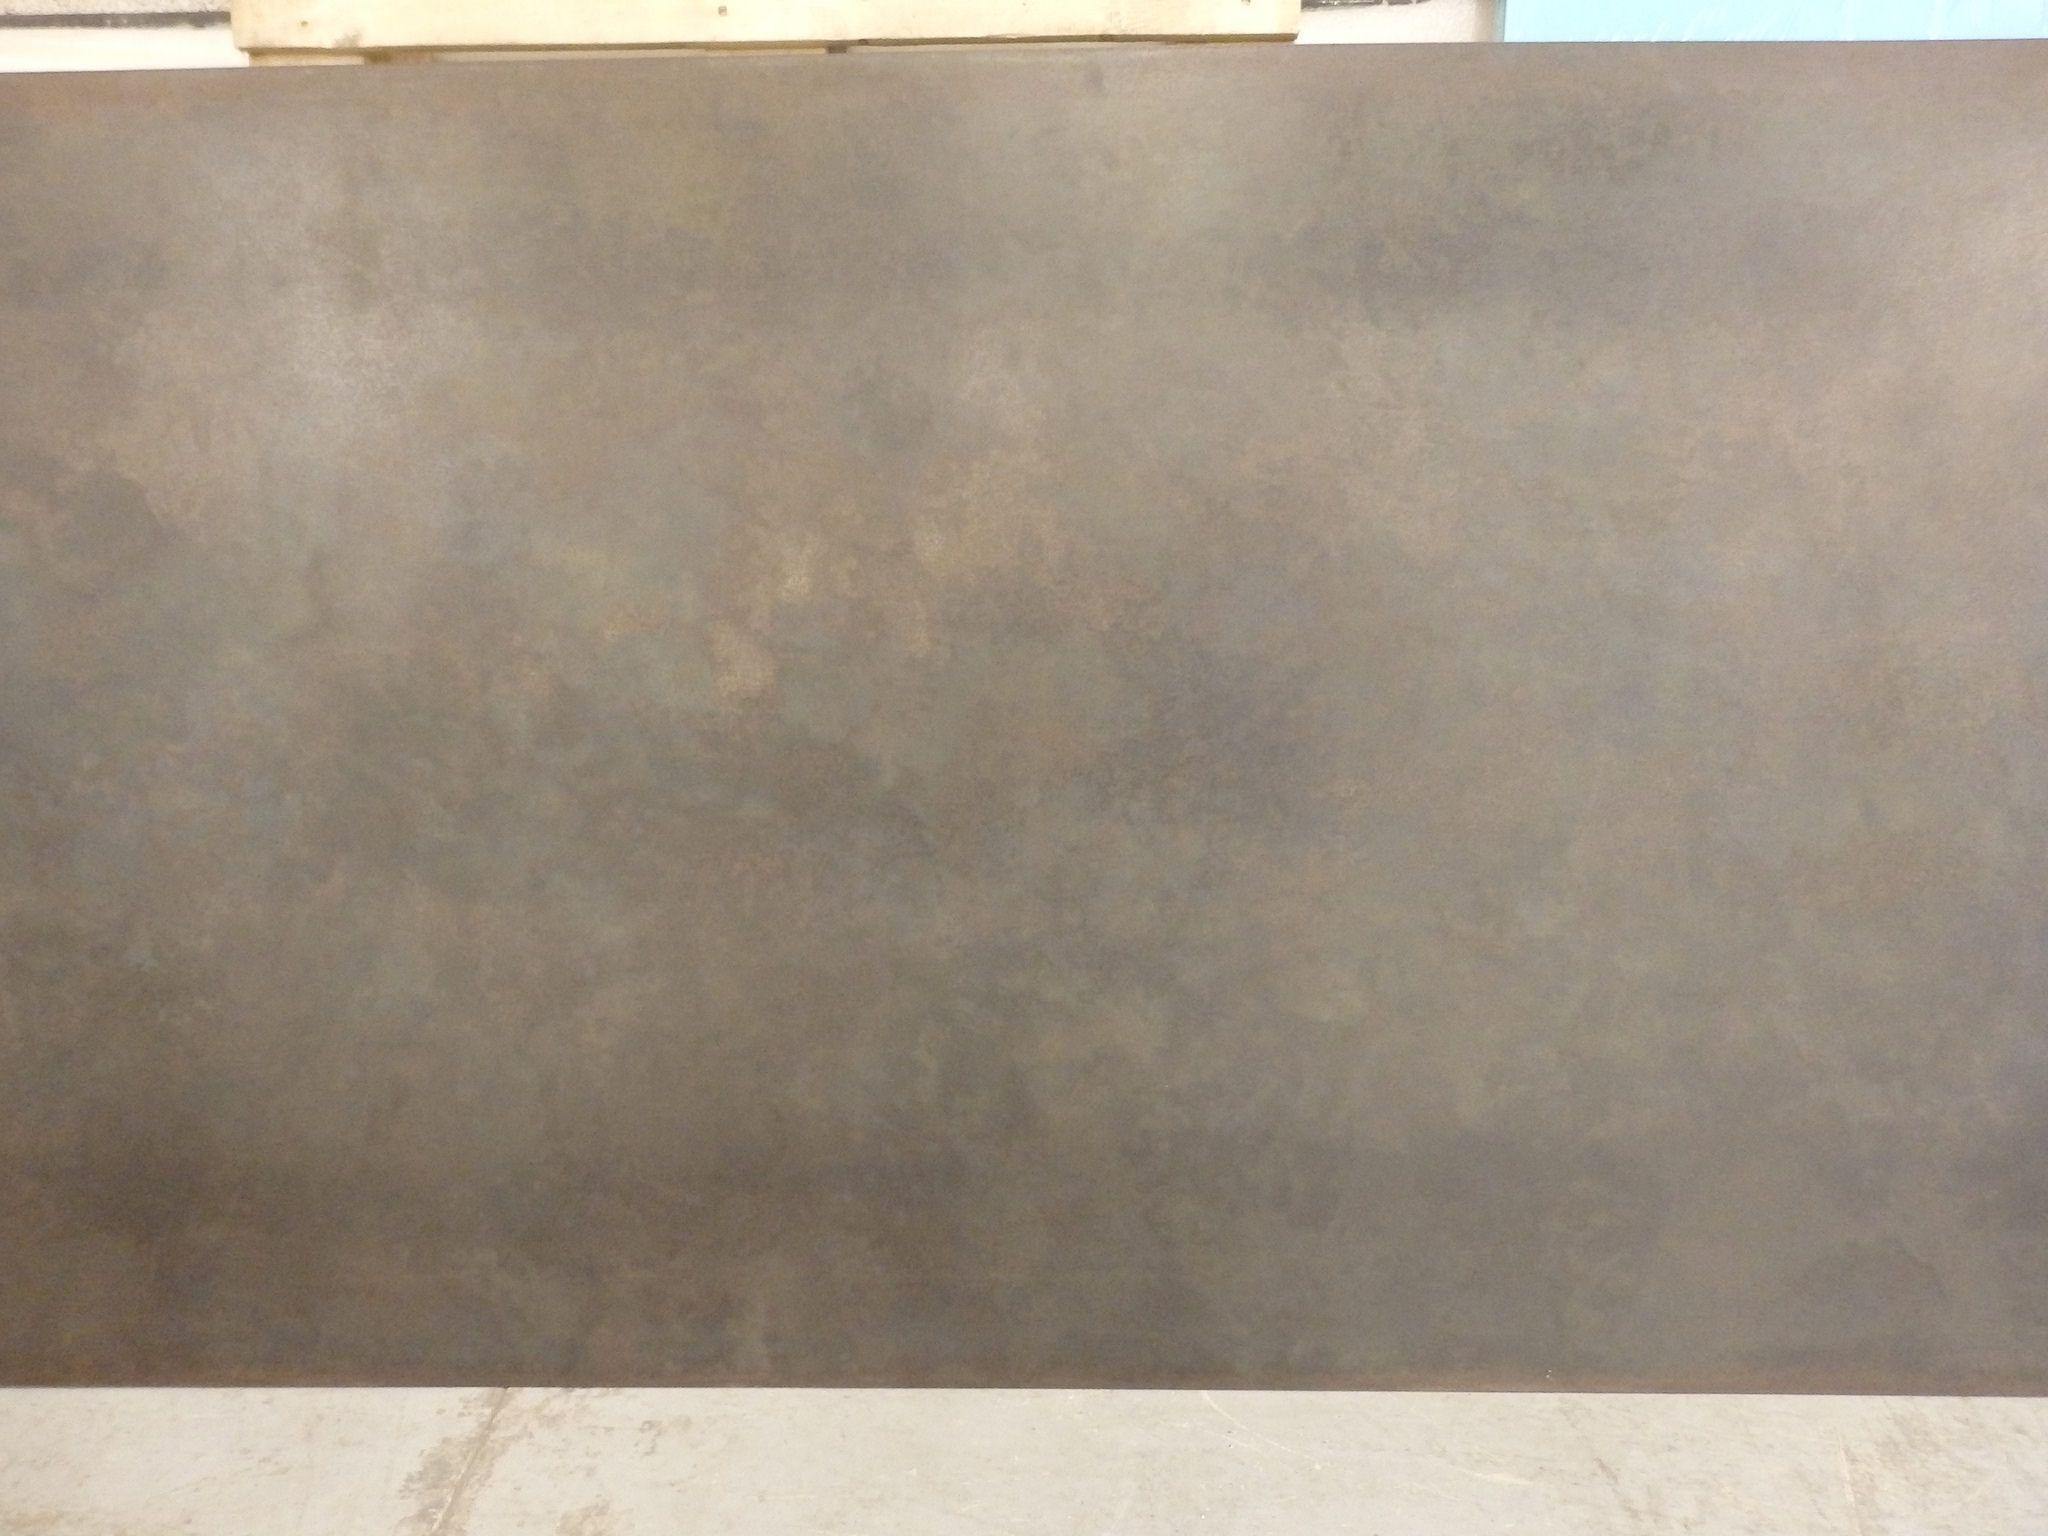 Https Flic Kr P Myq6tl Lightly Aged Raw Steel Sheet Olympus Digital Camera Steel Sheet Steel Sheet Metal Raw Steel